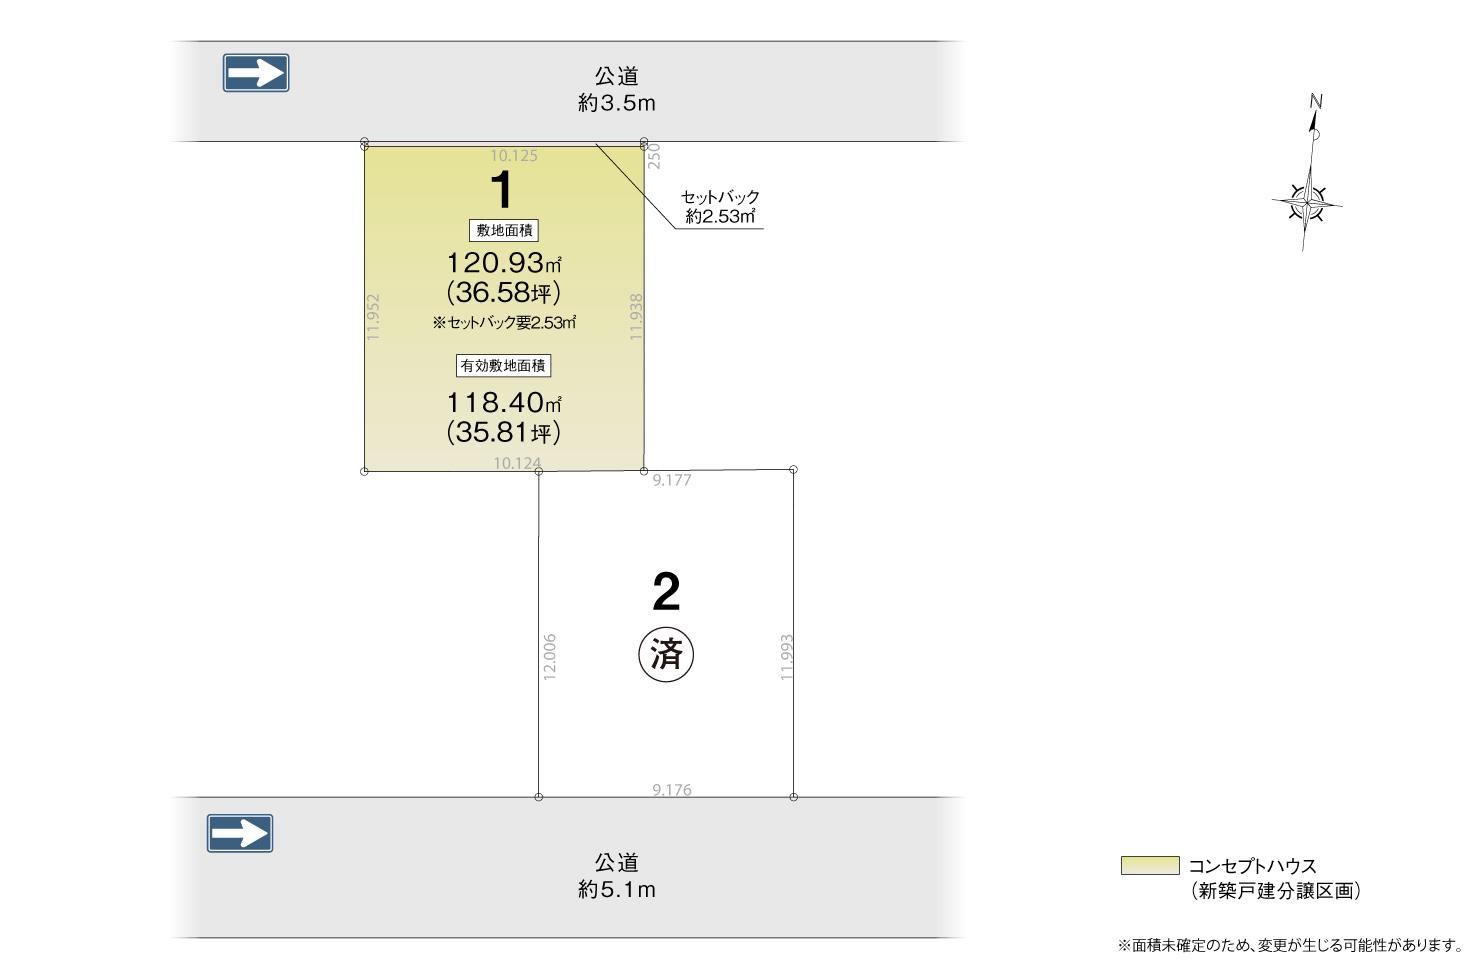 4_区画図_北区安井